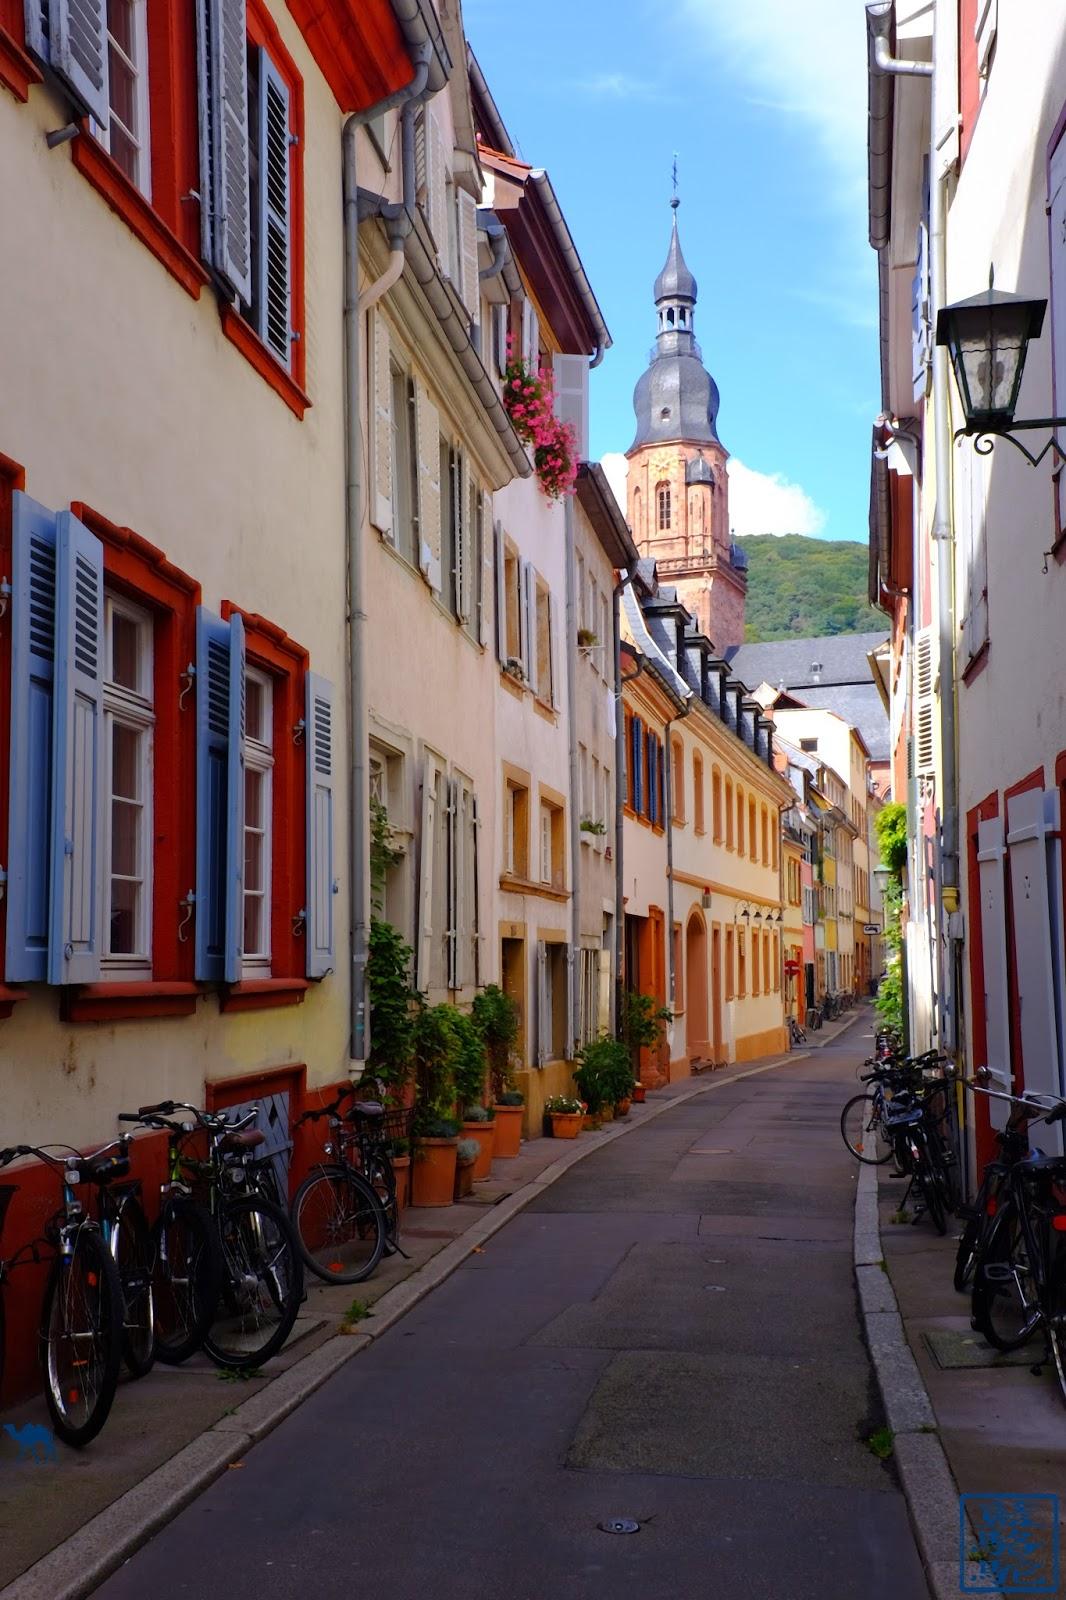 Le Chameau Bleu - Rue - Heidelberg